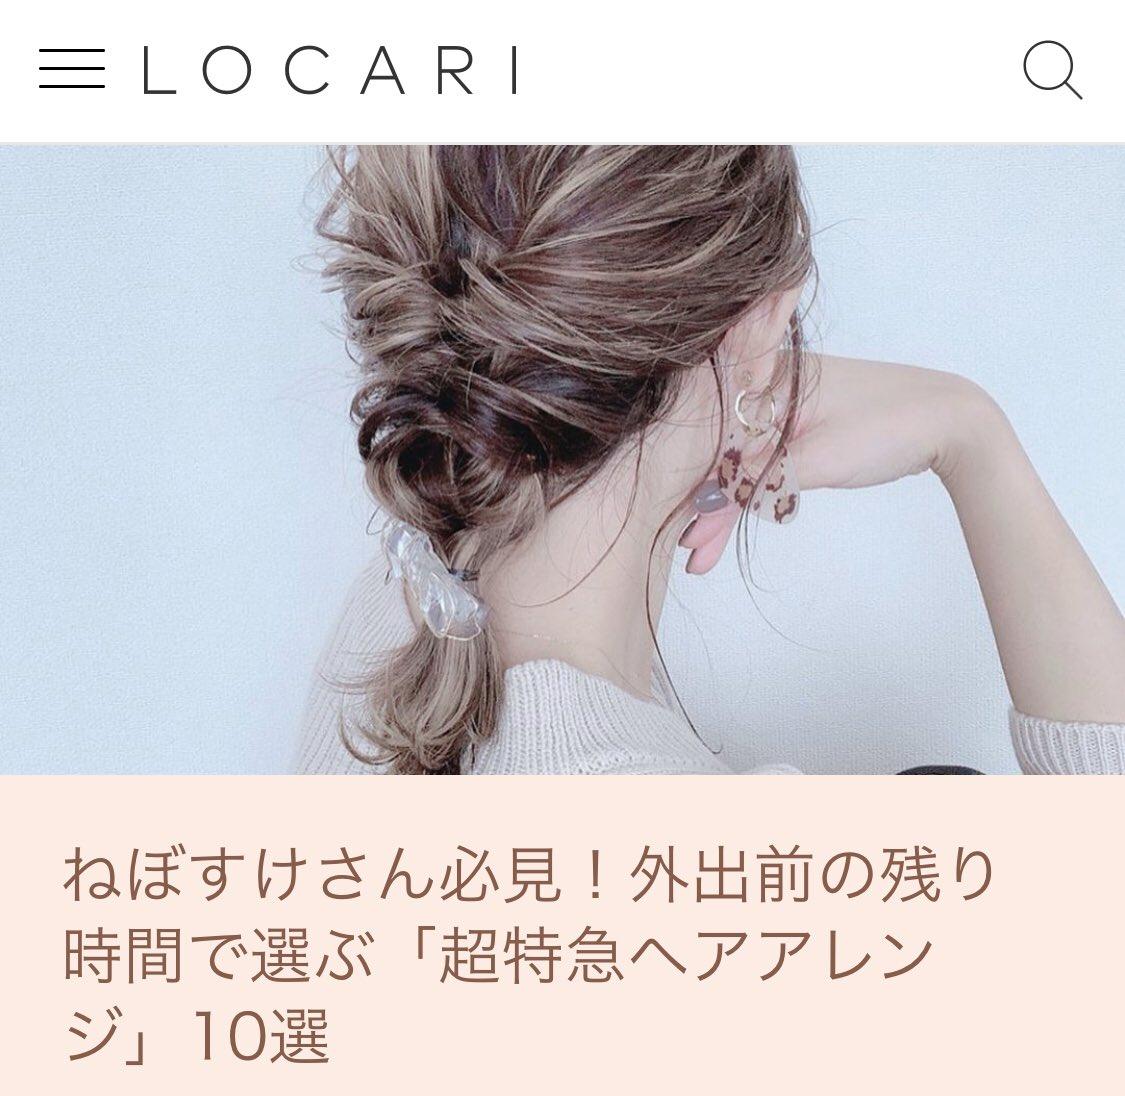 ねぼすけさん必見!外出前の残り時間で選ぶ「超特急ヘアアレンジ」10選  @locari_jpより#ロカリ #LOCARI #ピックアップ #時短ヘアアレンジ #簡単ヘアアレンジ